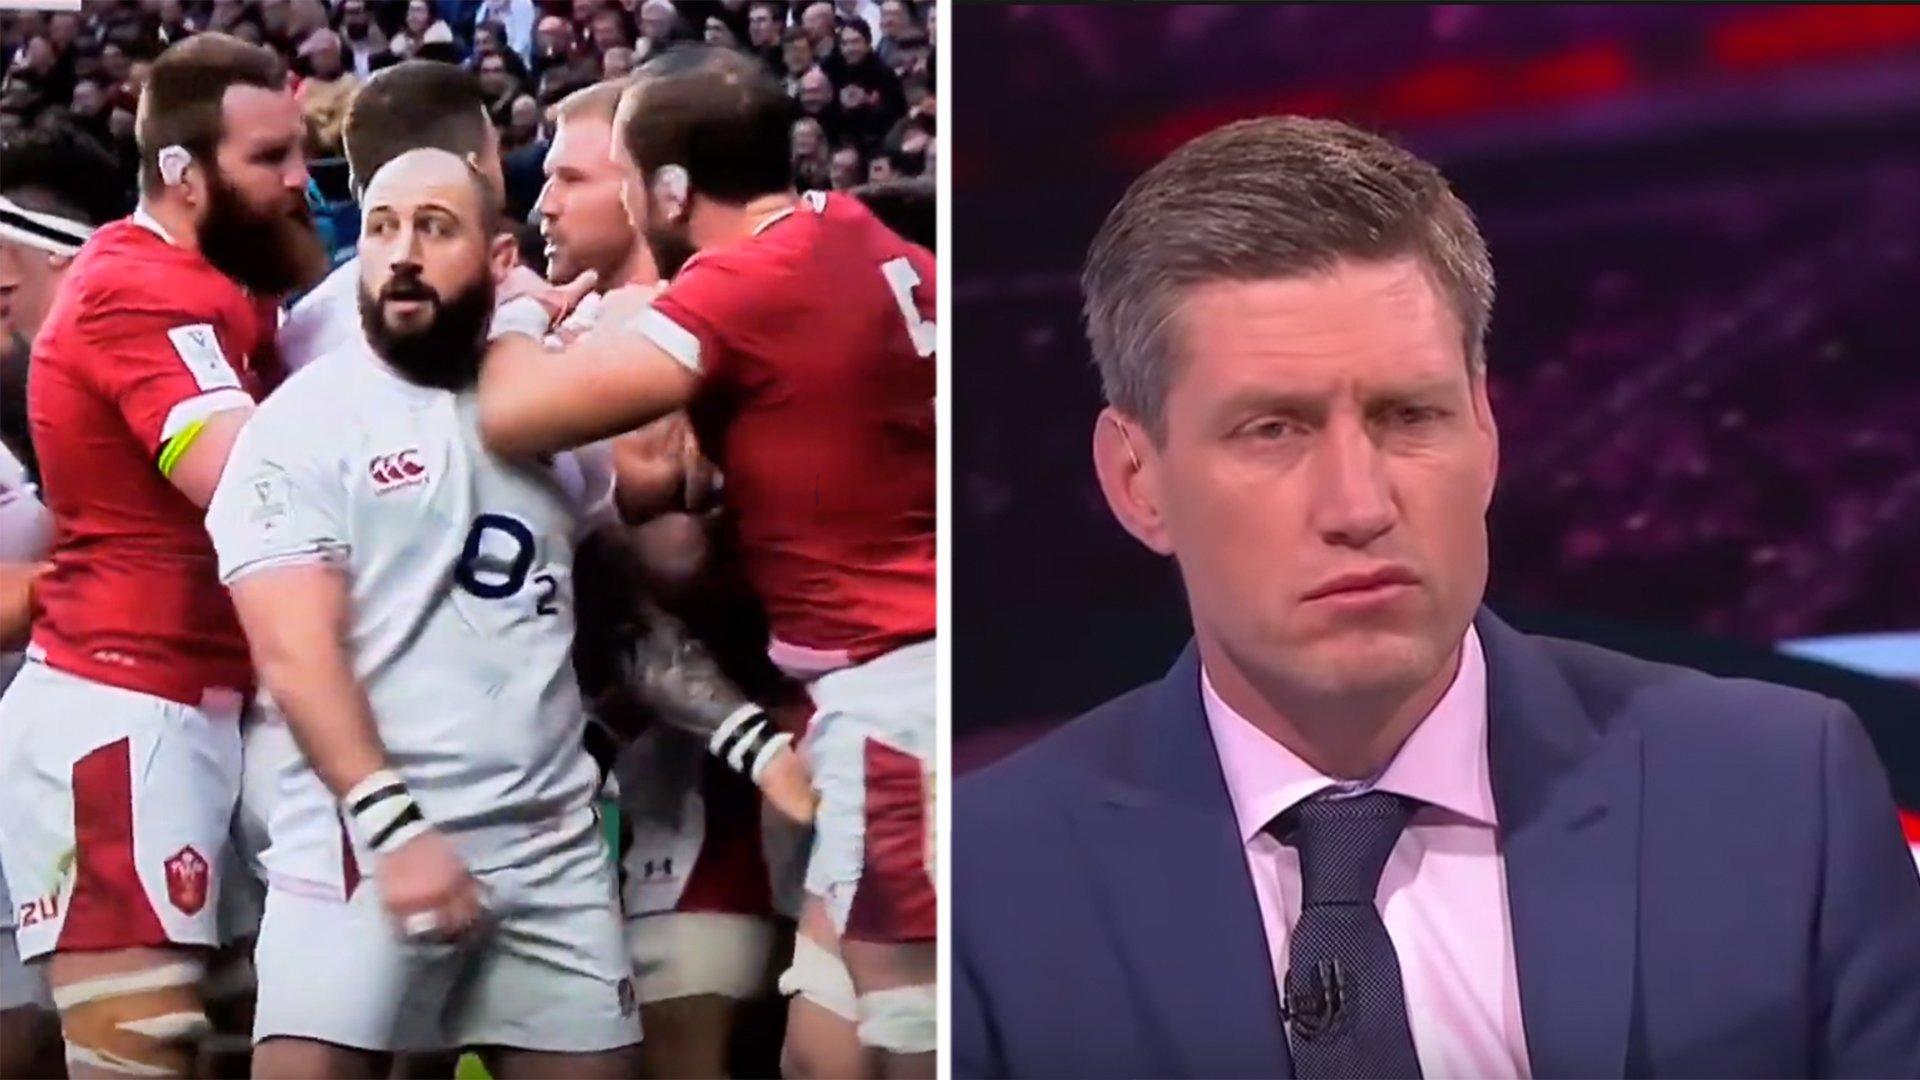 Ronan O'Gara gives a refreshing and frank opinion on Joe Marler incident